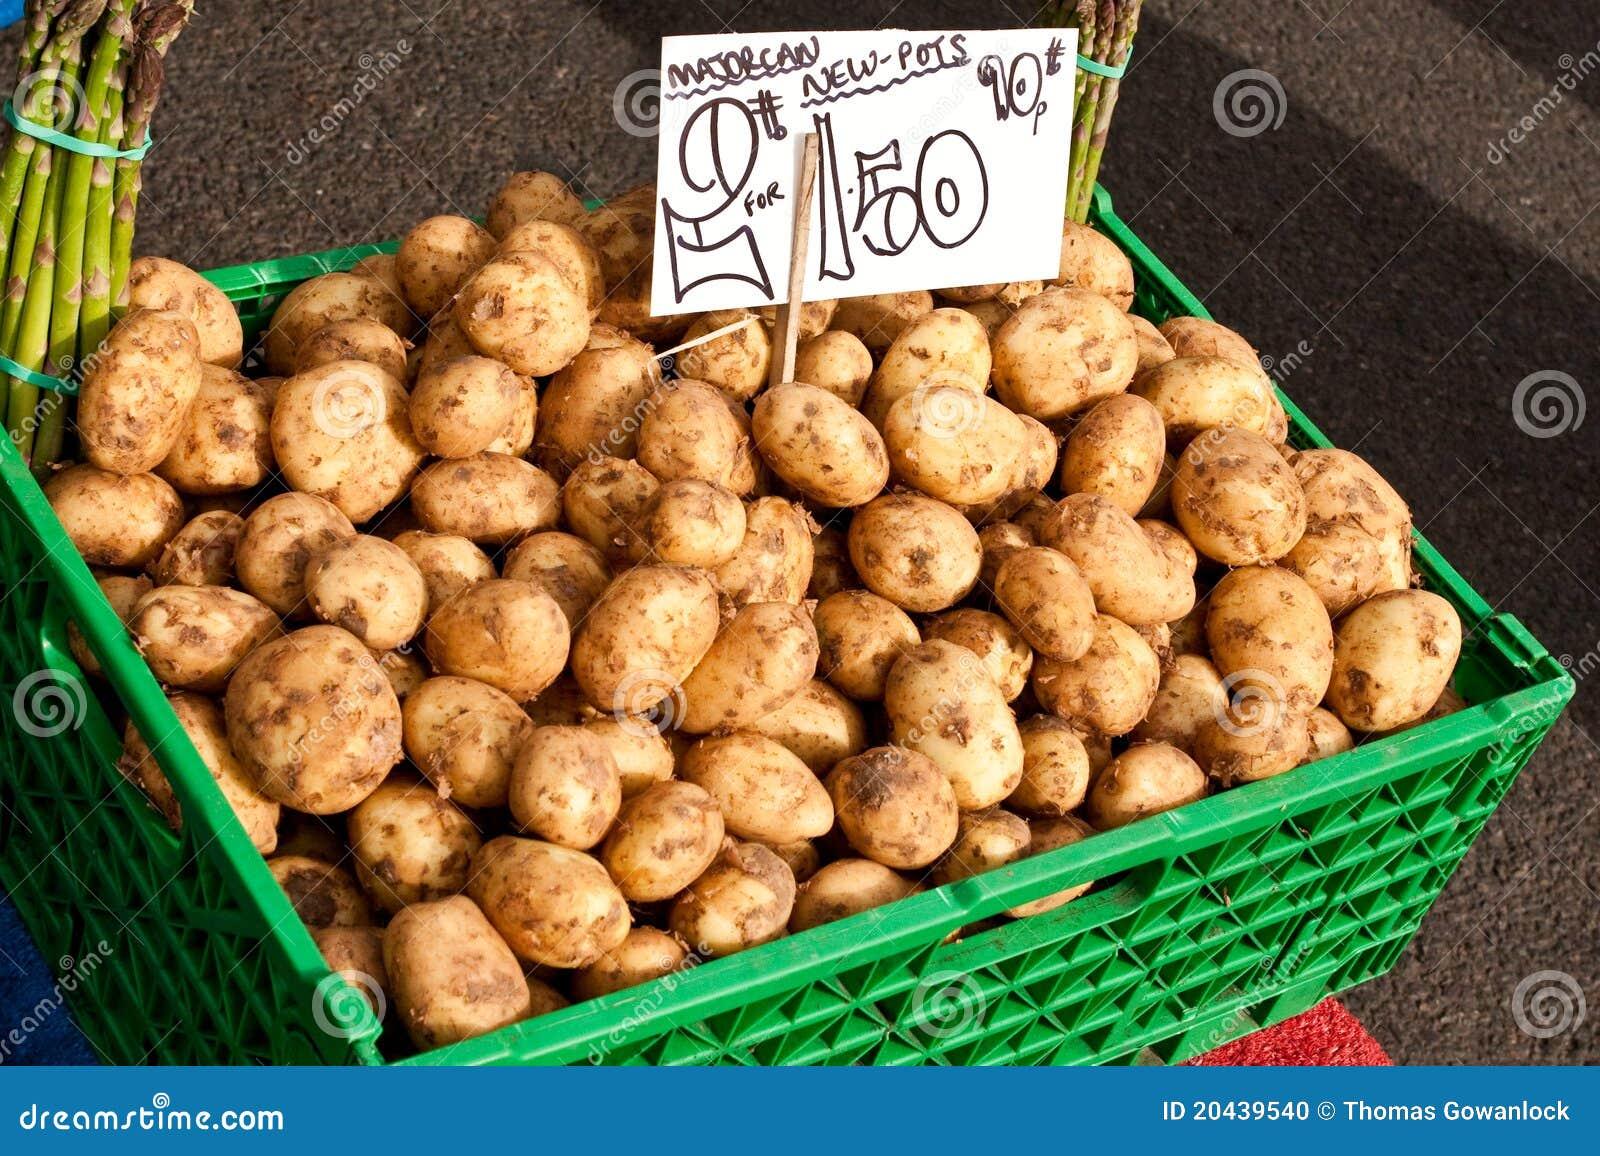 pommes de terre de primeurs photo stock image du ingr dient march 20439540. Black Bedroom Furniture Sets. Home Design Ideas